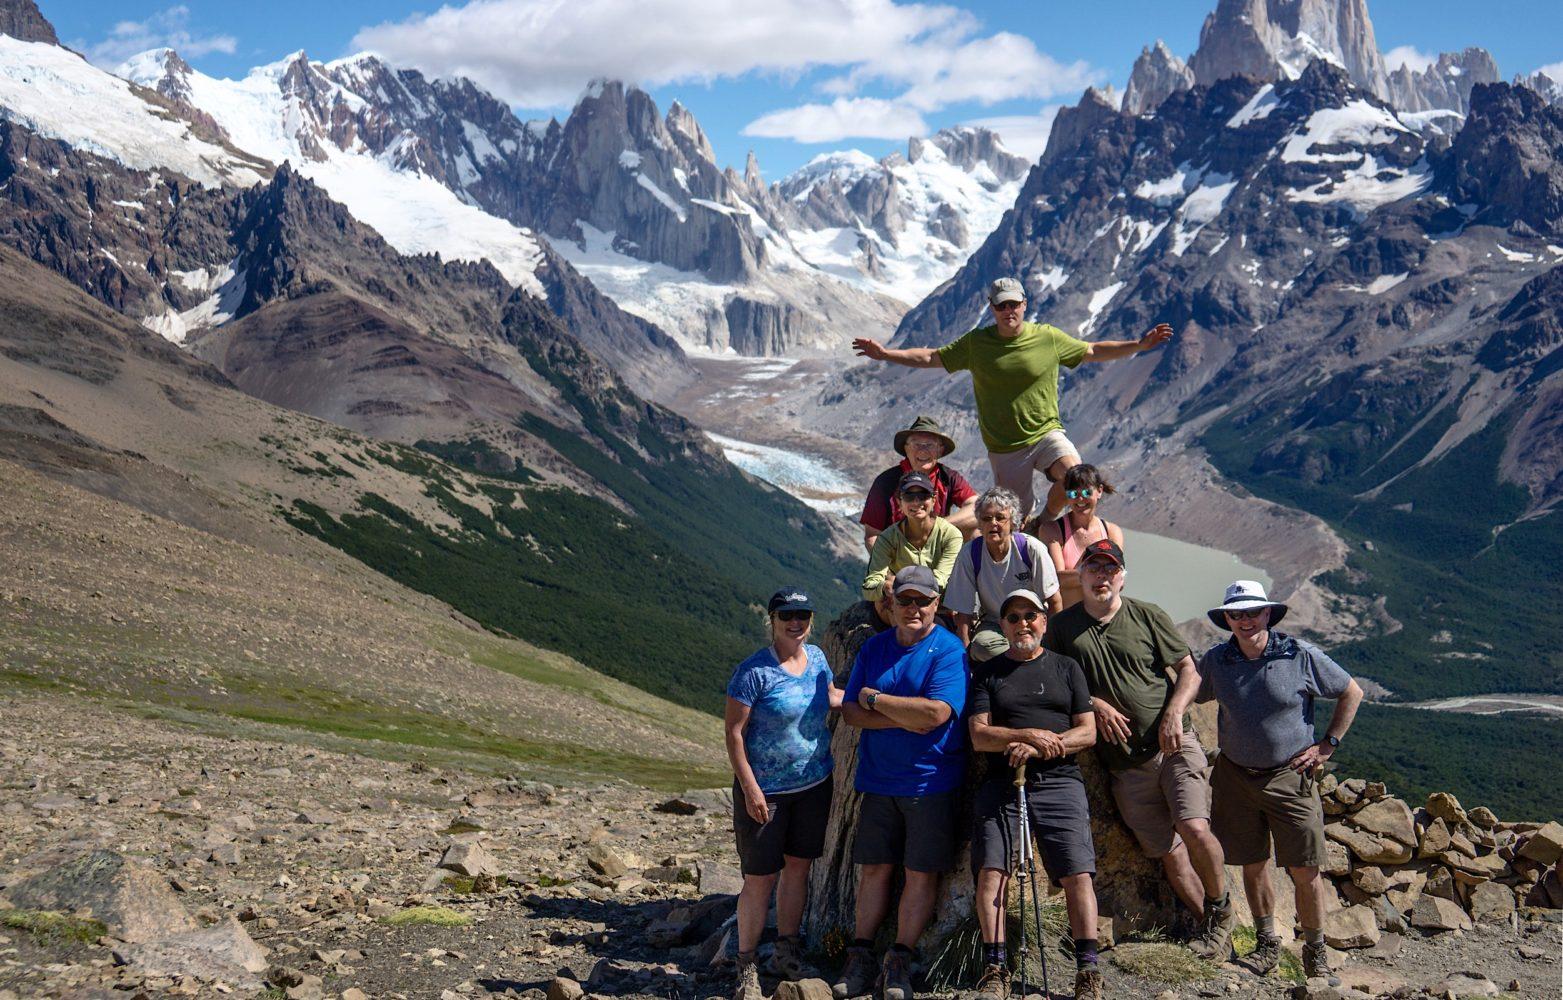 'Condor' Patagonia Hiking Adventure